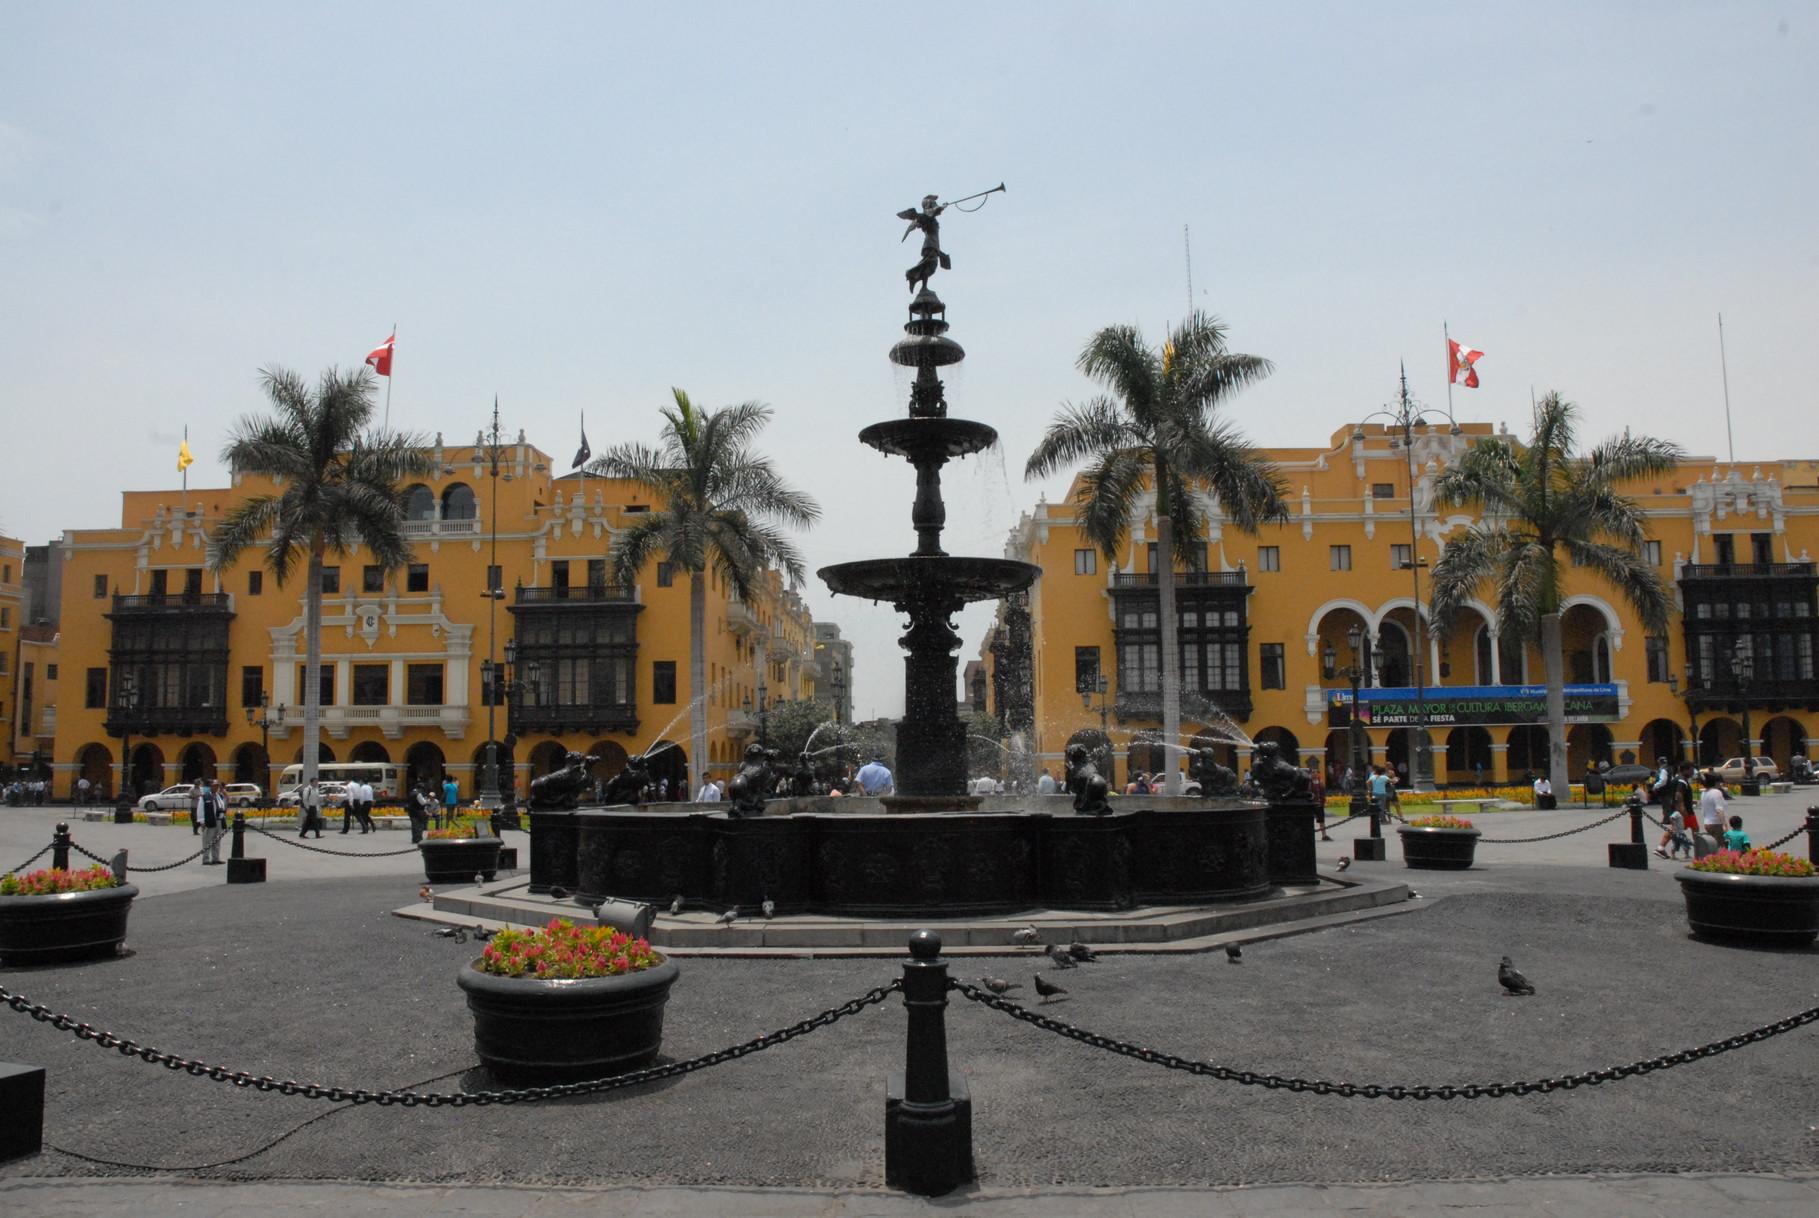 Die Plaza Mayor mit der Stadtverwaltung im Hintergrund